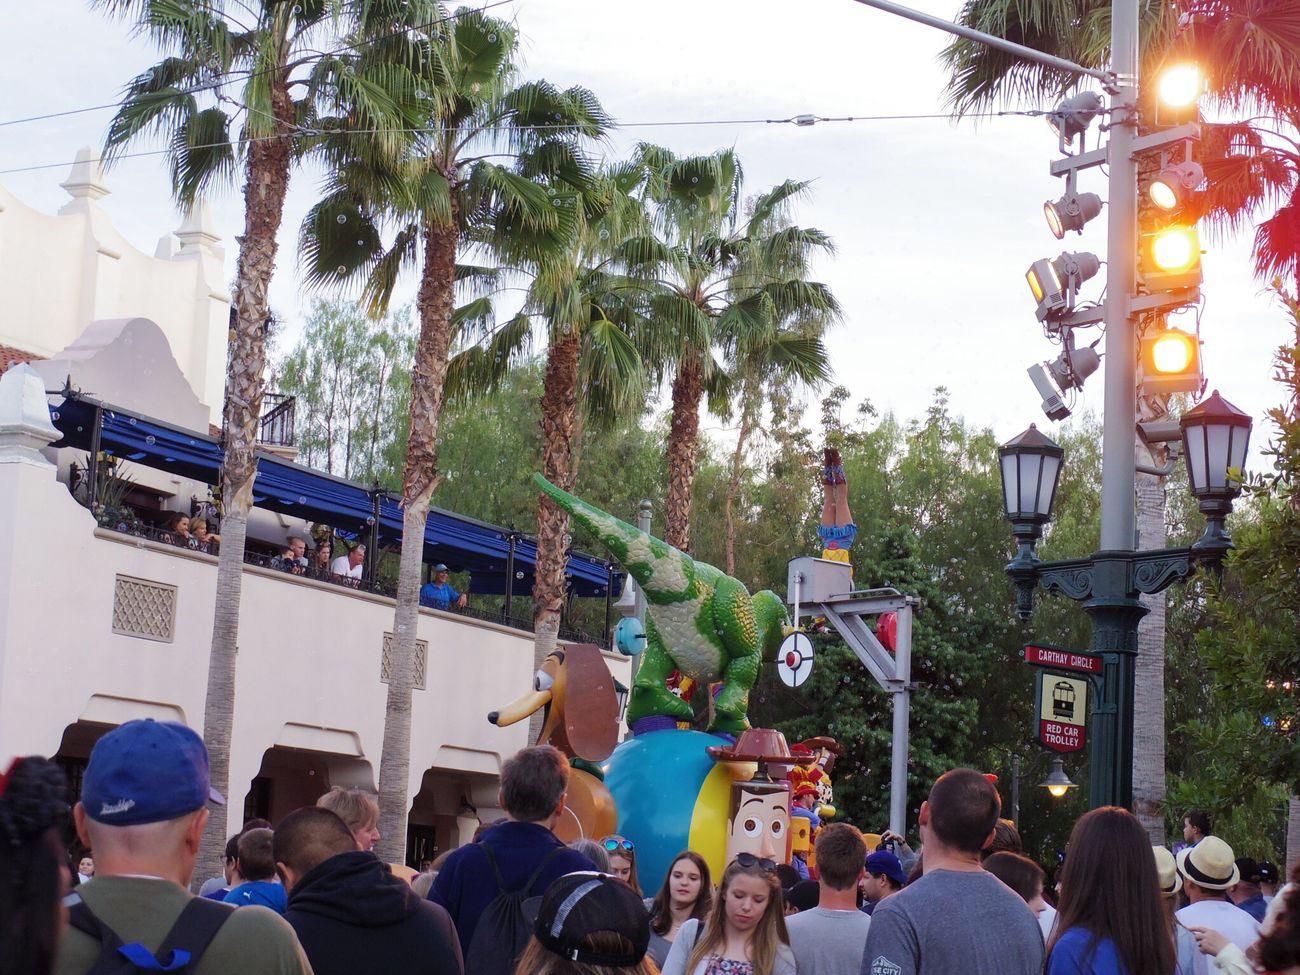 すごい人がいるの見えます?恐竜のレックスの近くに体操選手みたいにクルクル回ってる人がいました(^O^) DCA Disney California Adventure Disneyland Disney Pixar  Toystory Anaheim Losangeles People